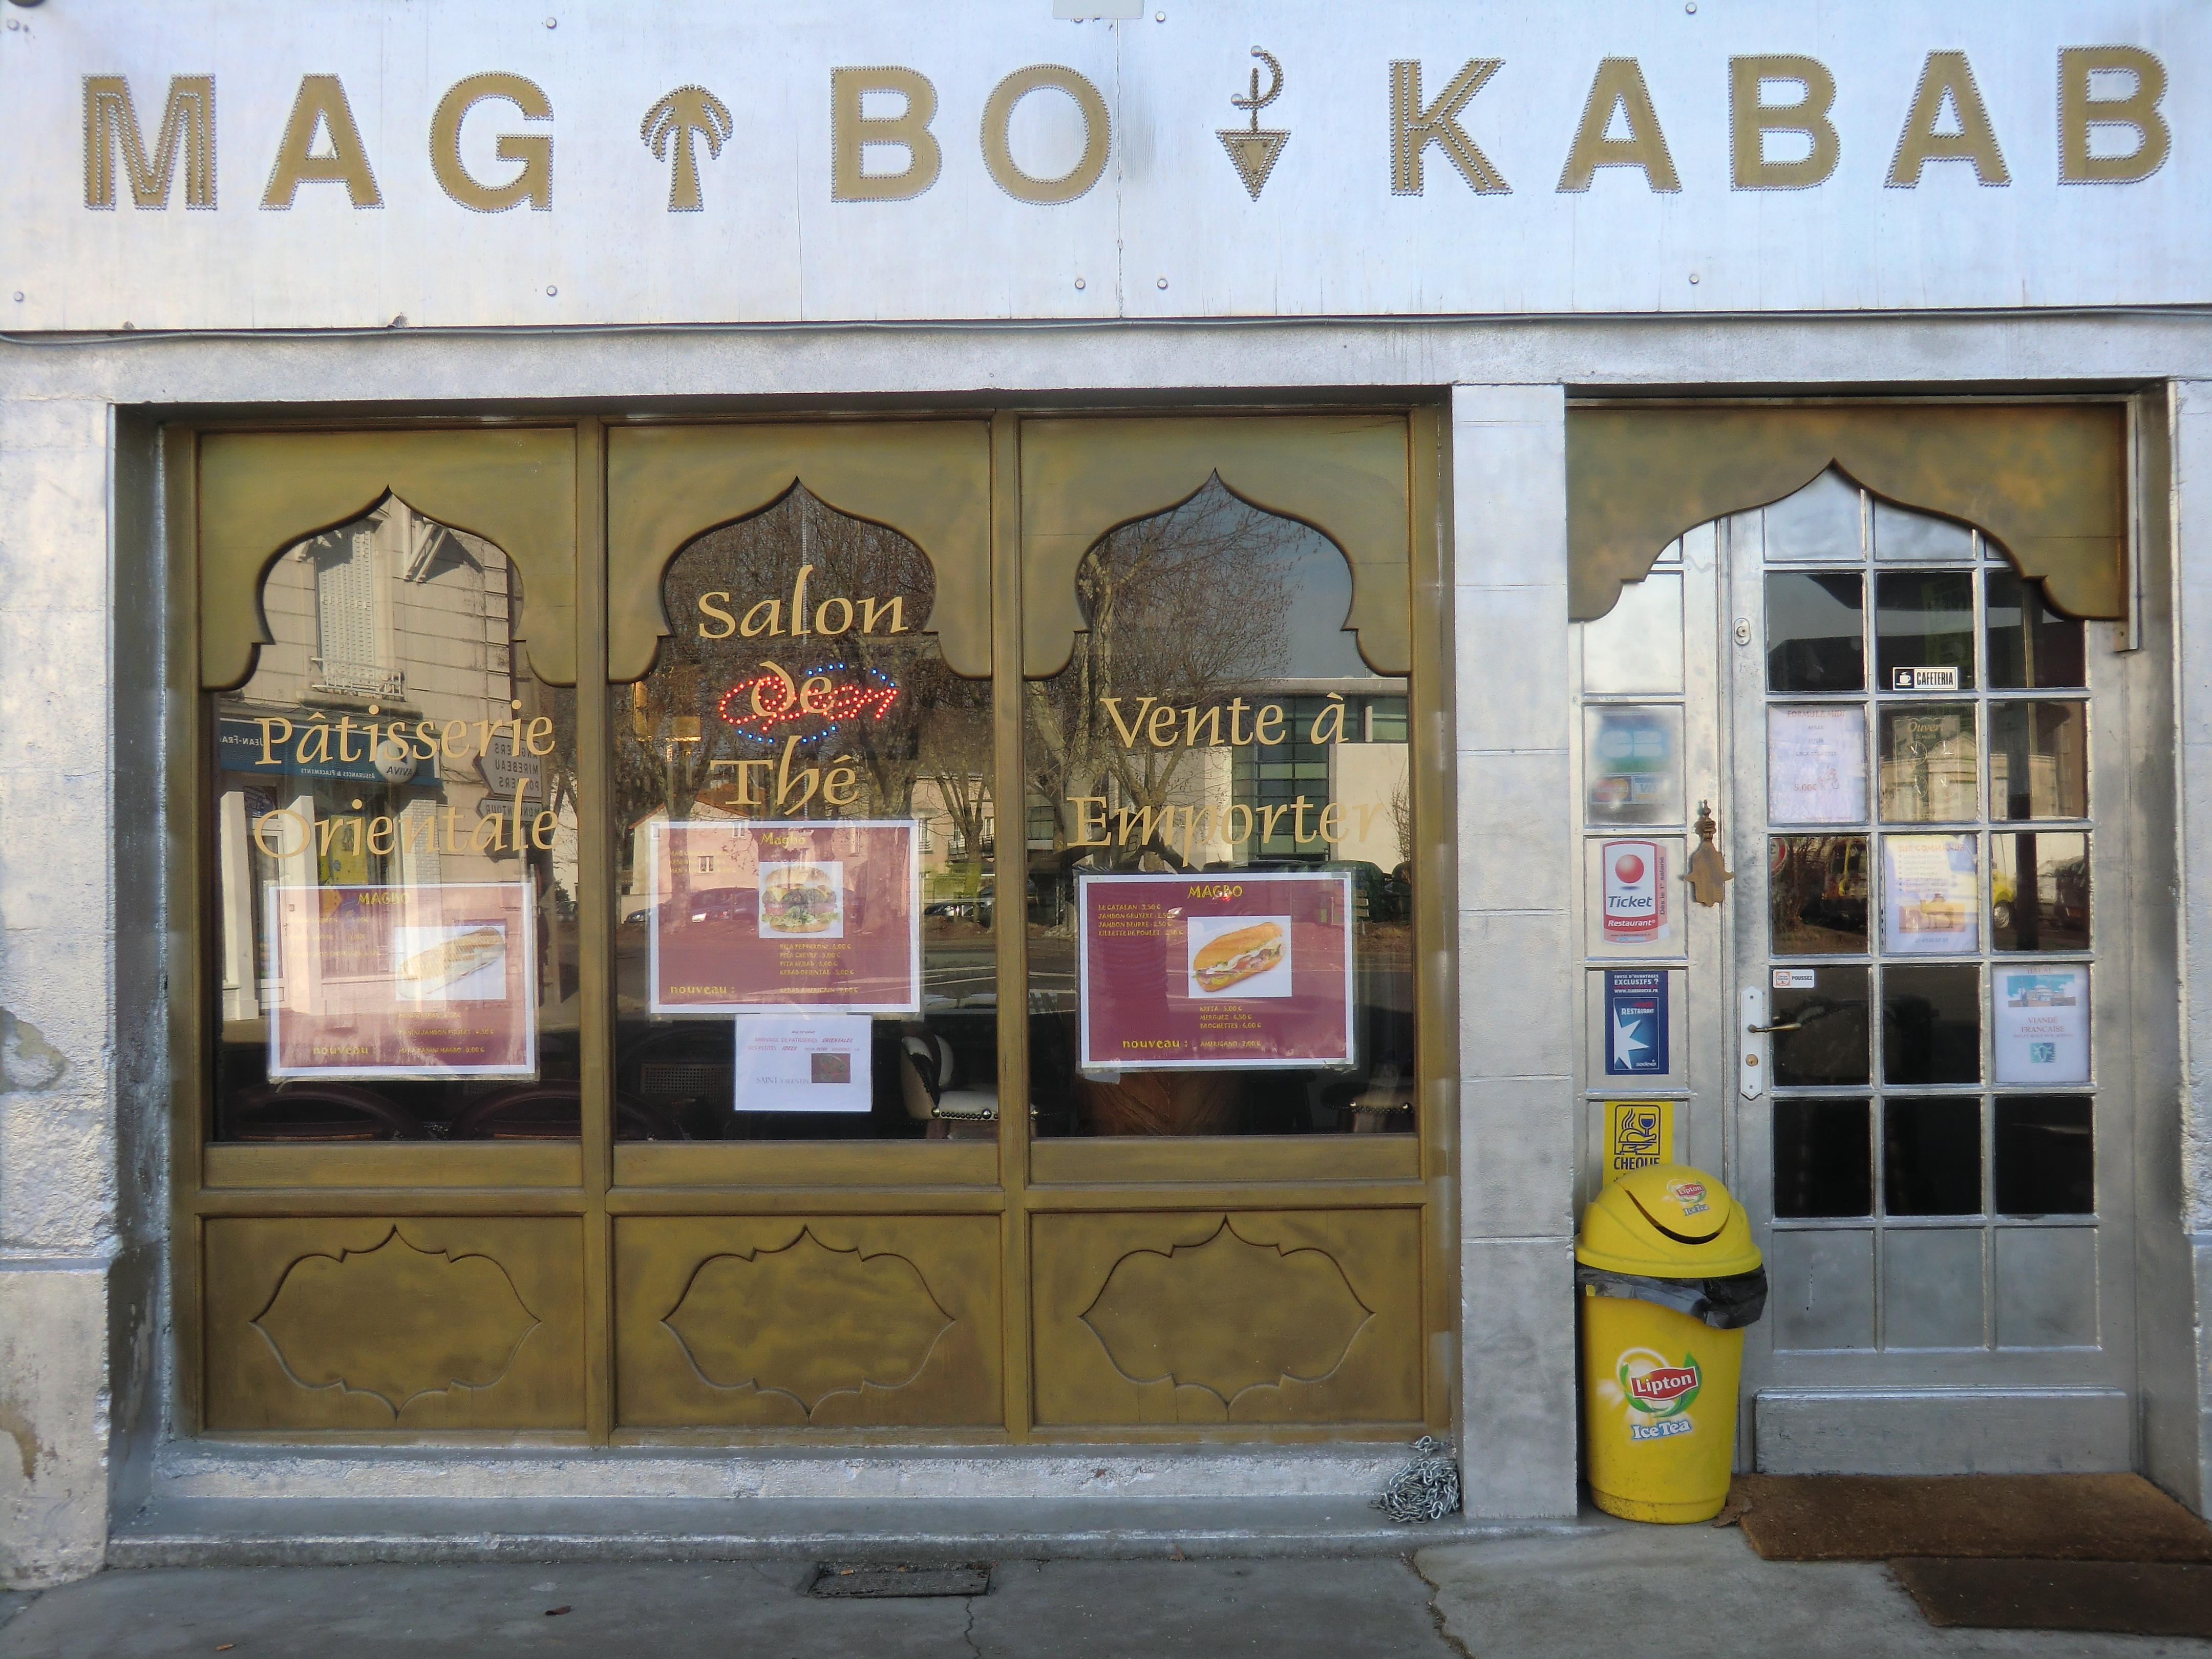 Mag Bo Kabab